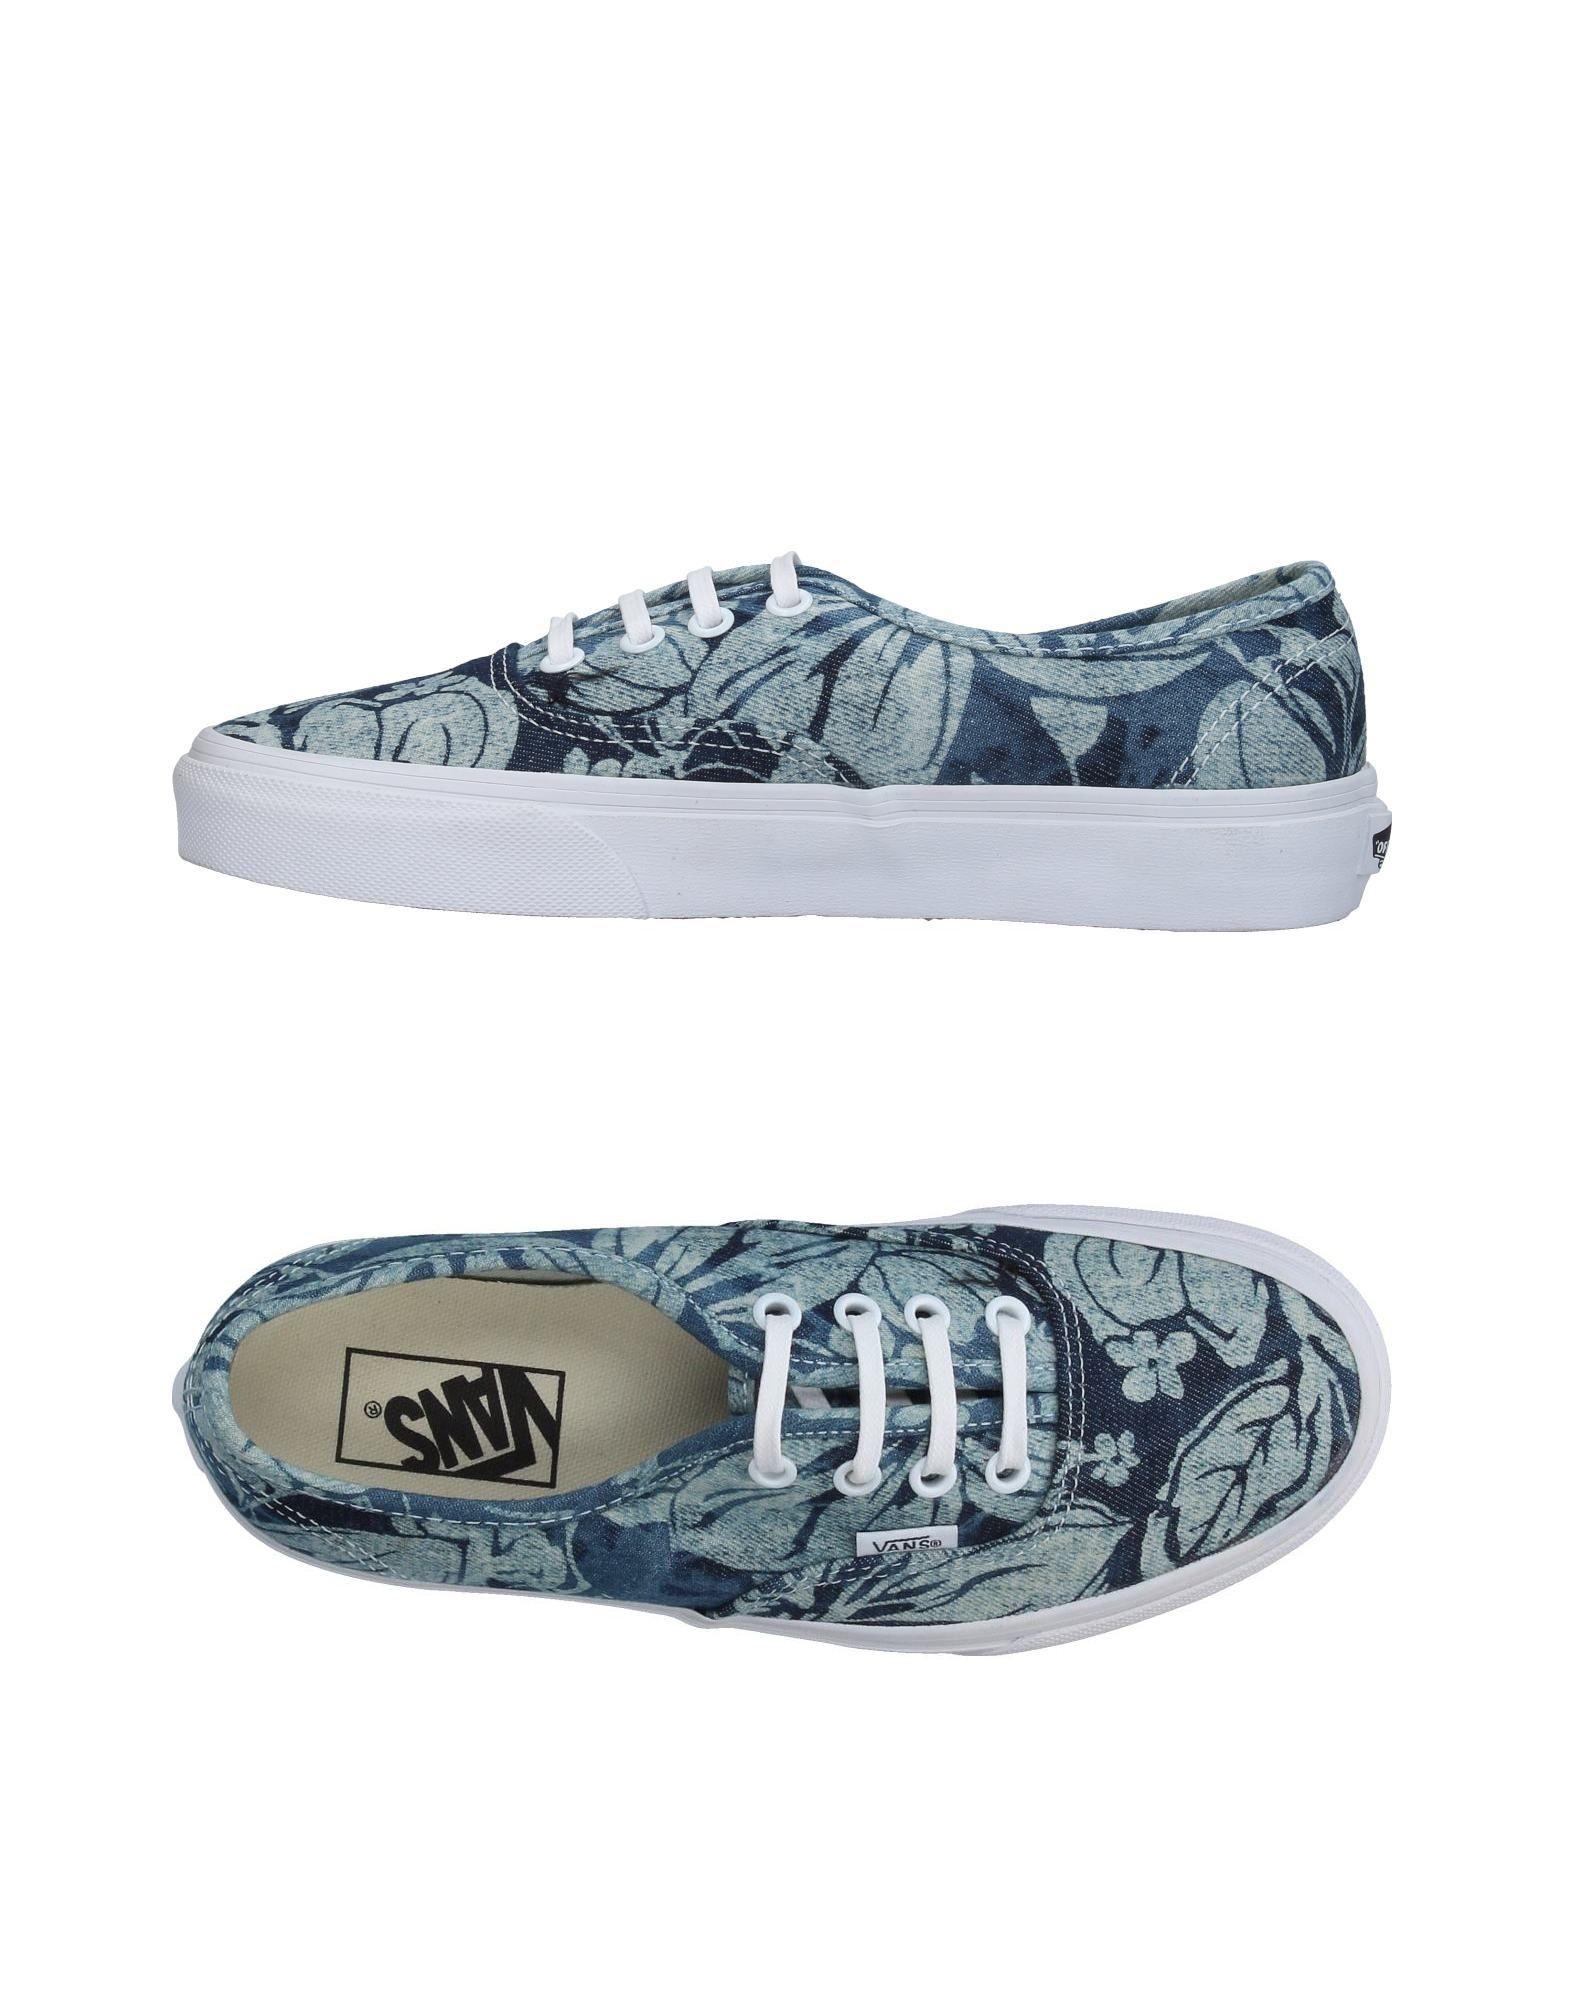 Vans Schuhe Sneakers Damen  11314930EB Heiße Schuhe Vans de13b3